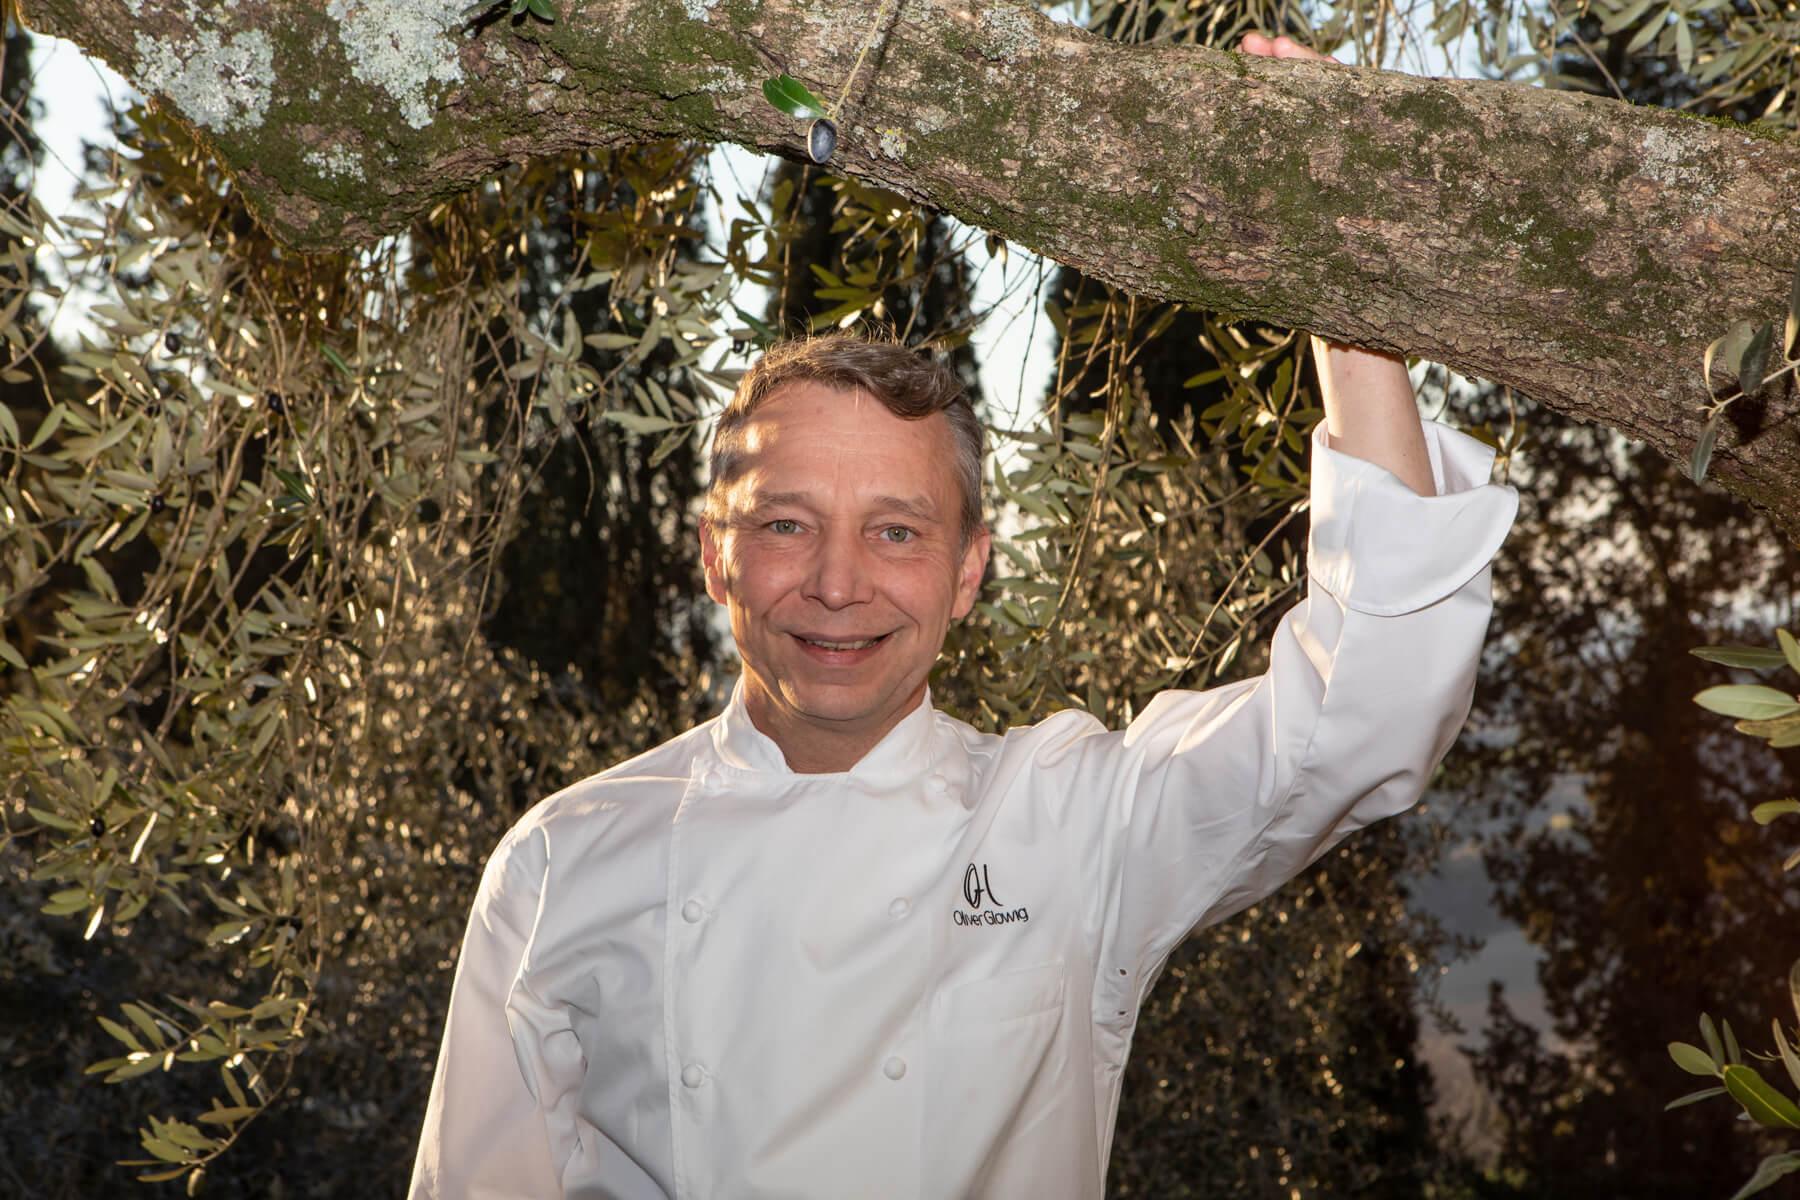 Chef Oliver Glowig